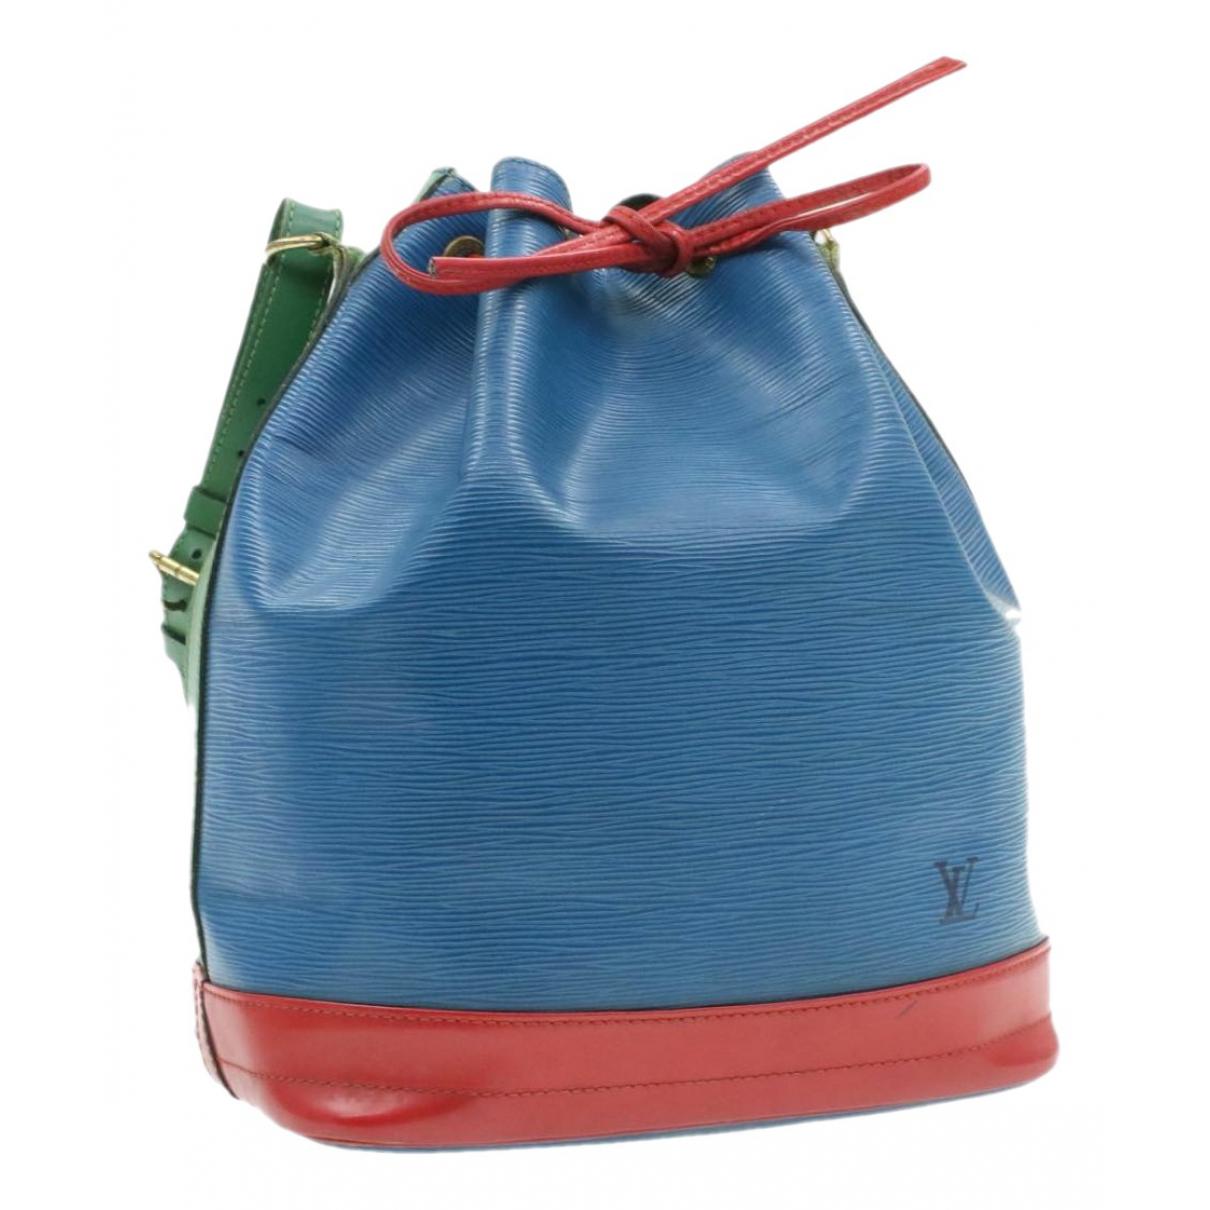 Louis Vuitton - Sac a main Noe pour femme en cuir - multicolore